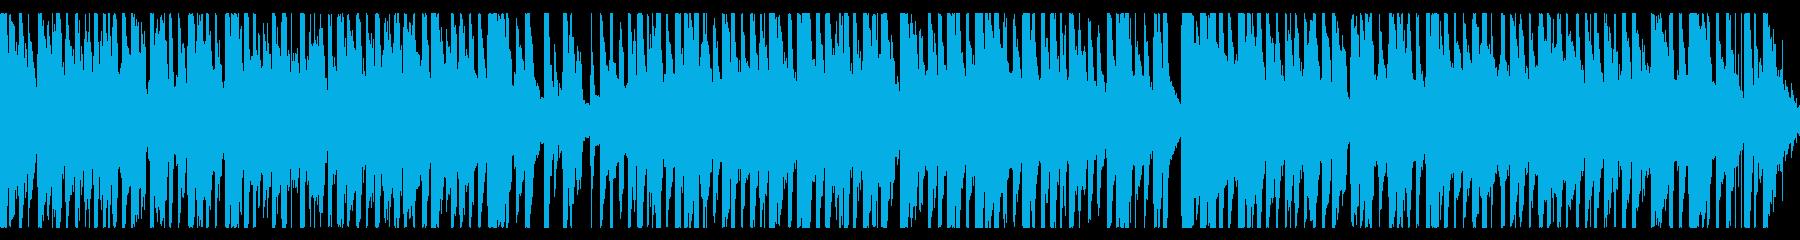 民族風哀愁漂うコミカルBGM(loop)の再生済みの波形